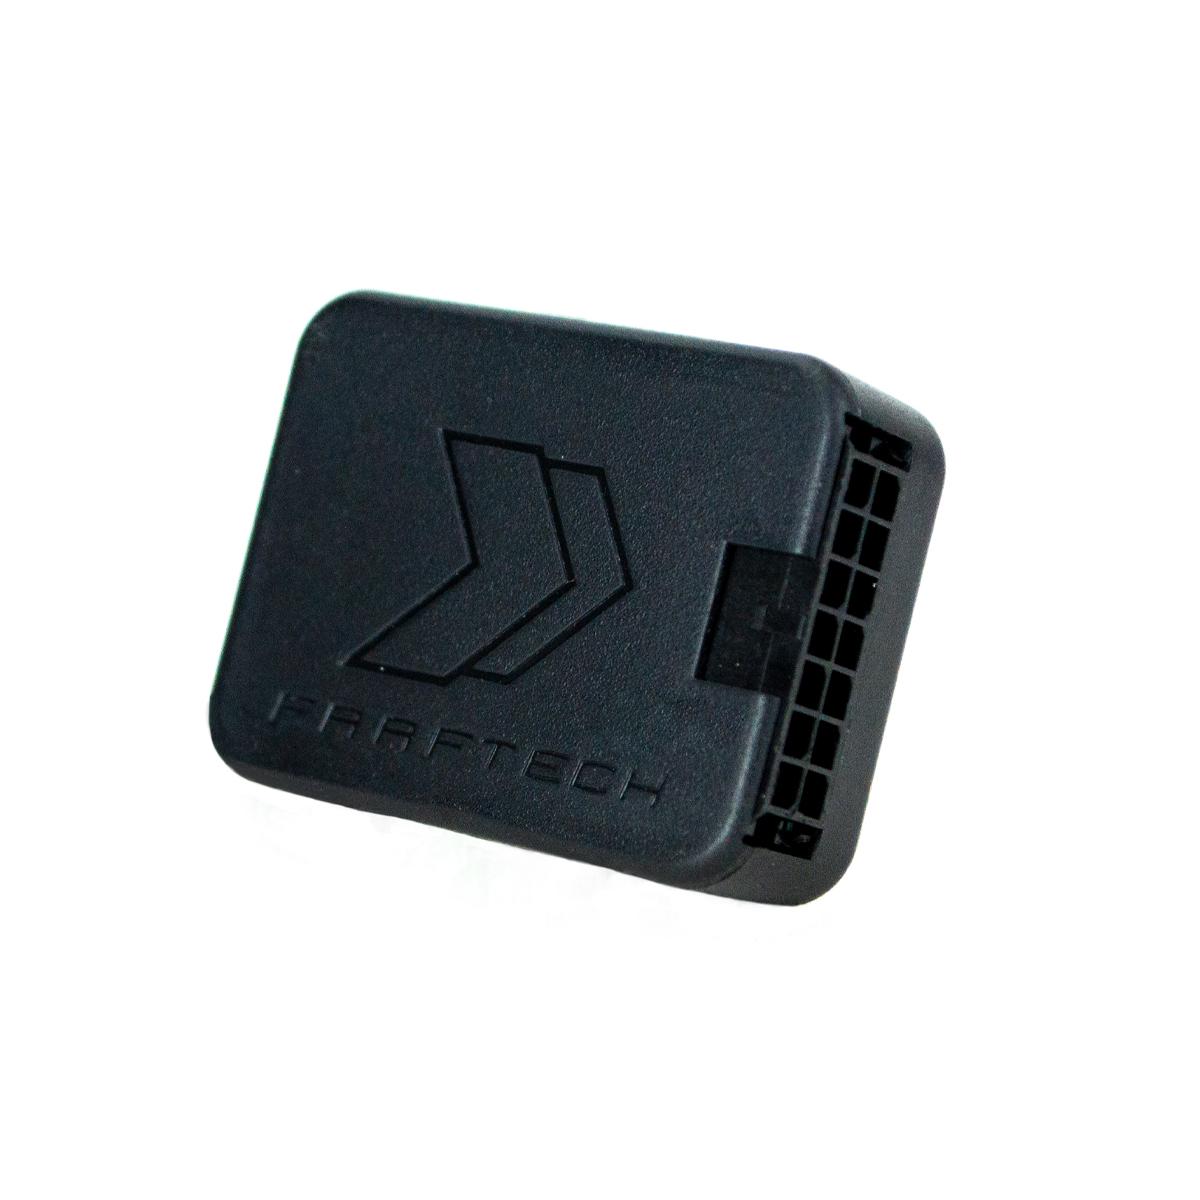 Chip De Potência Para Pedal Speedpro Para Volkswagen Polo